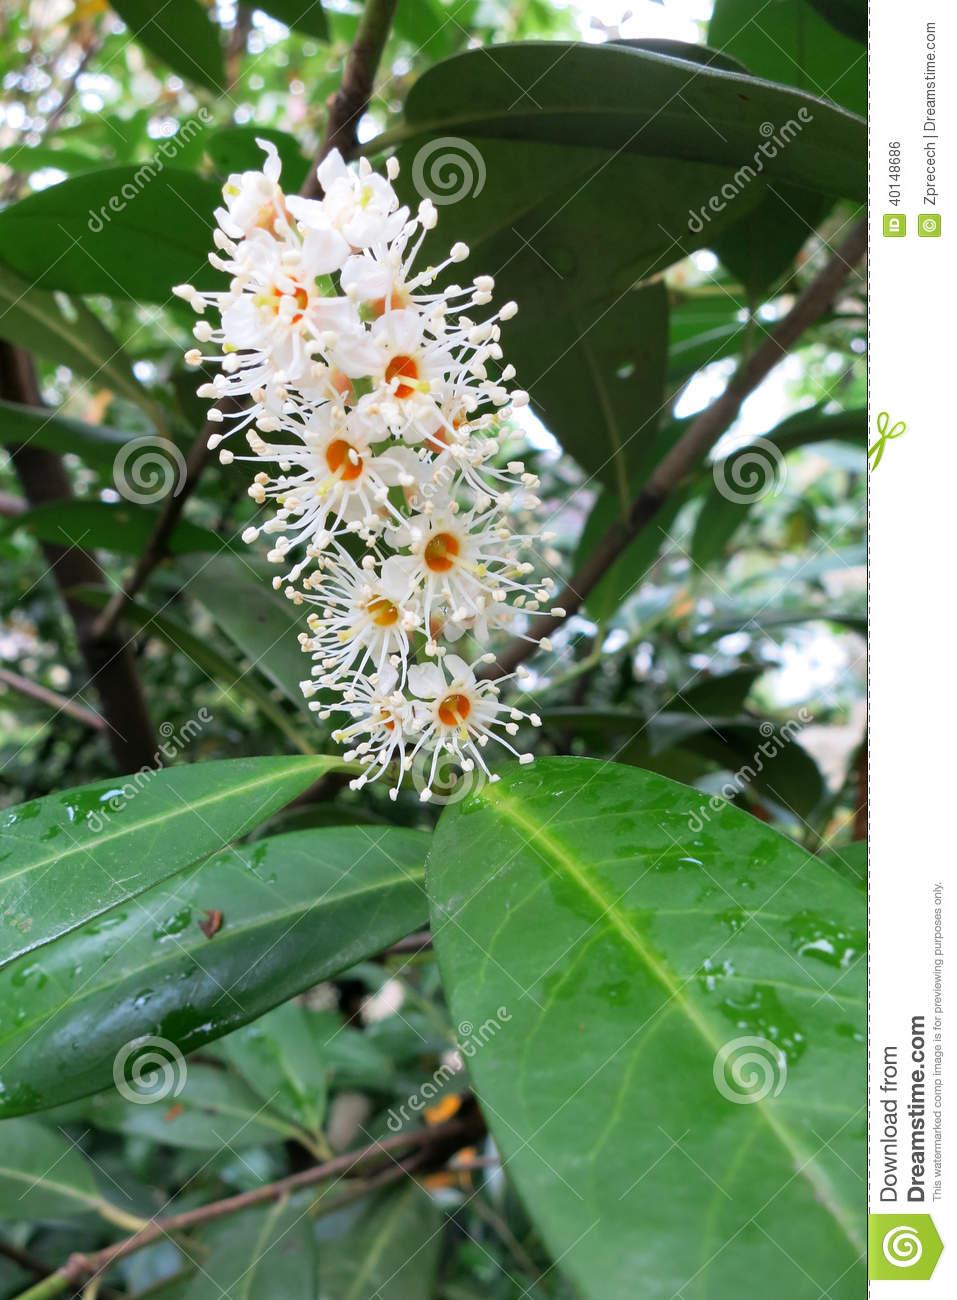 Cherry Laurel Or Common Laurel (Prunus Laurocerasus) Stock Photo.